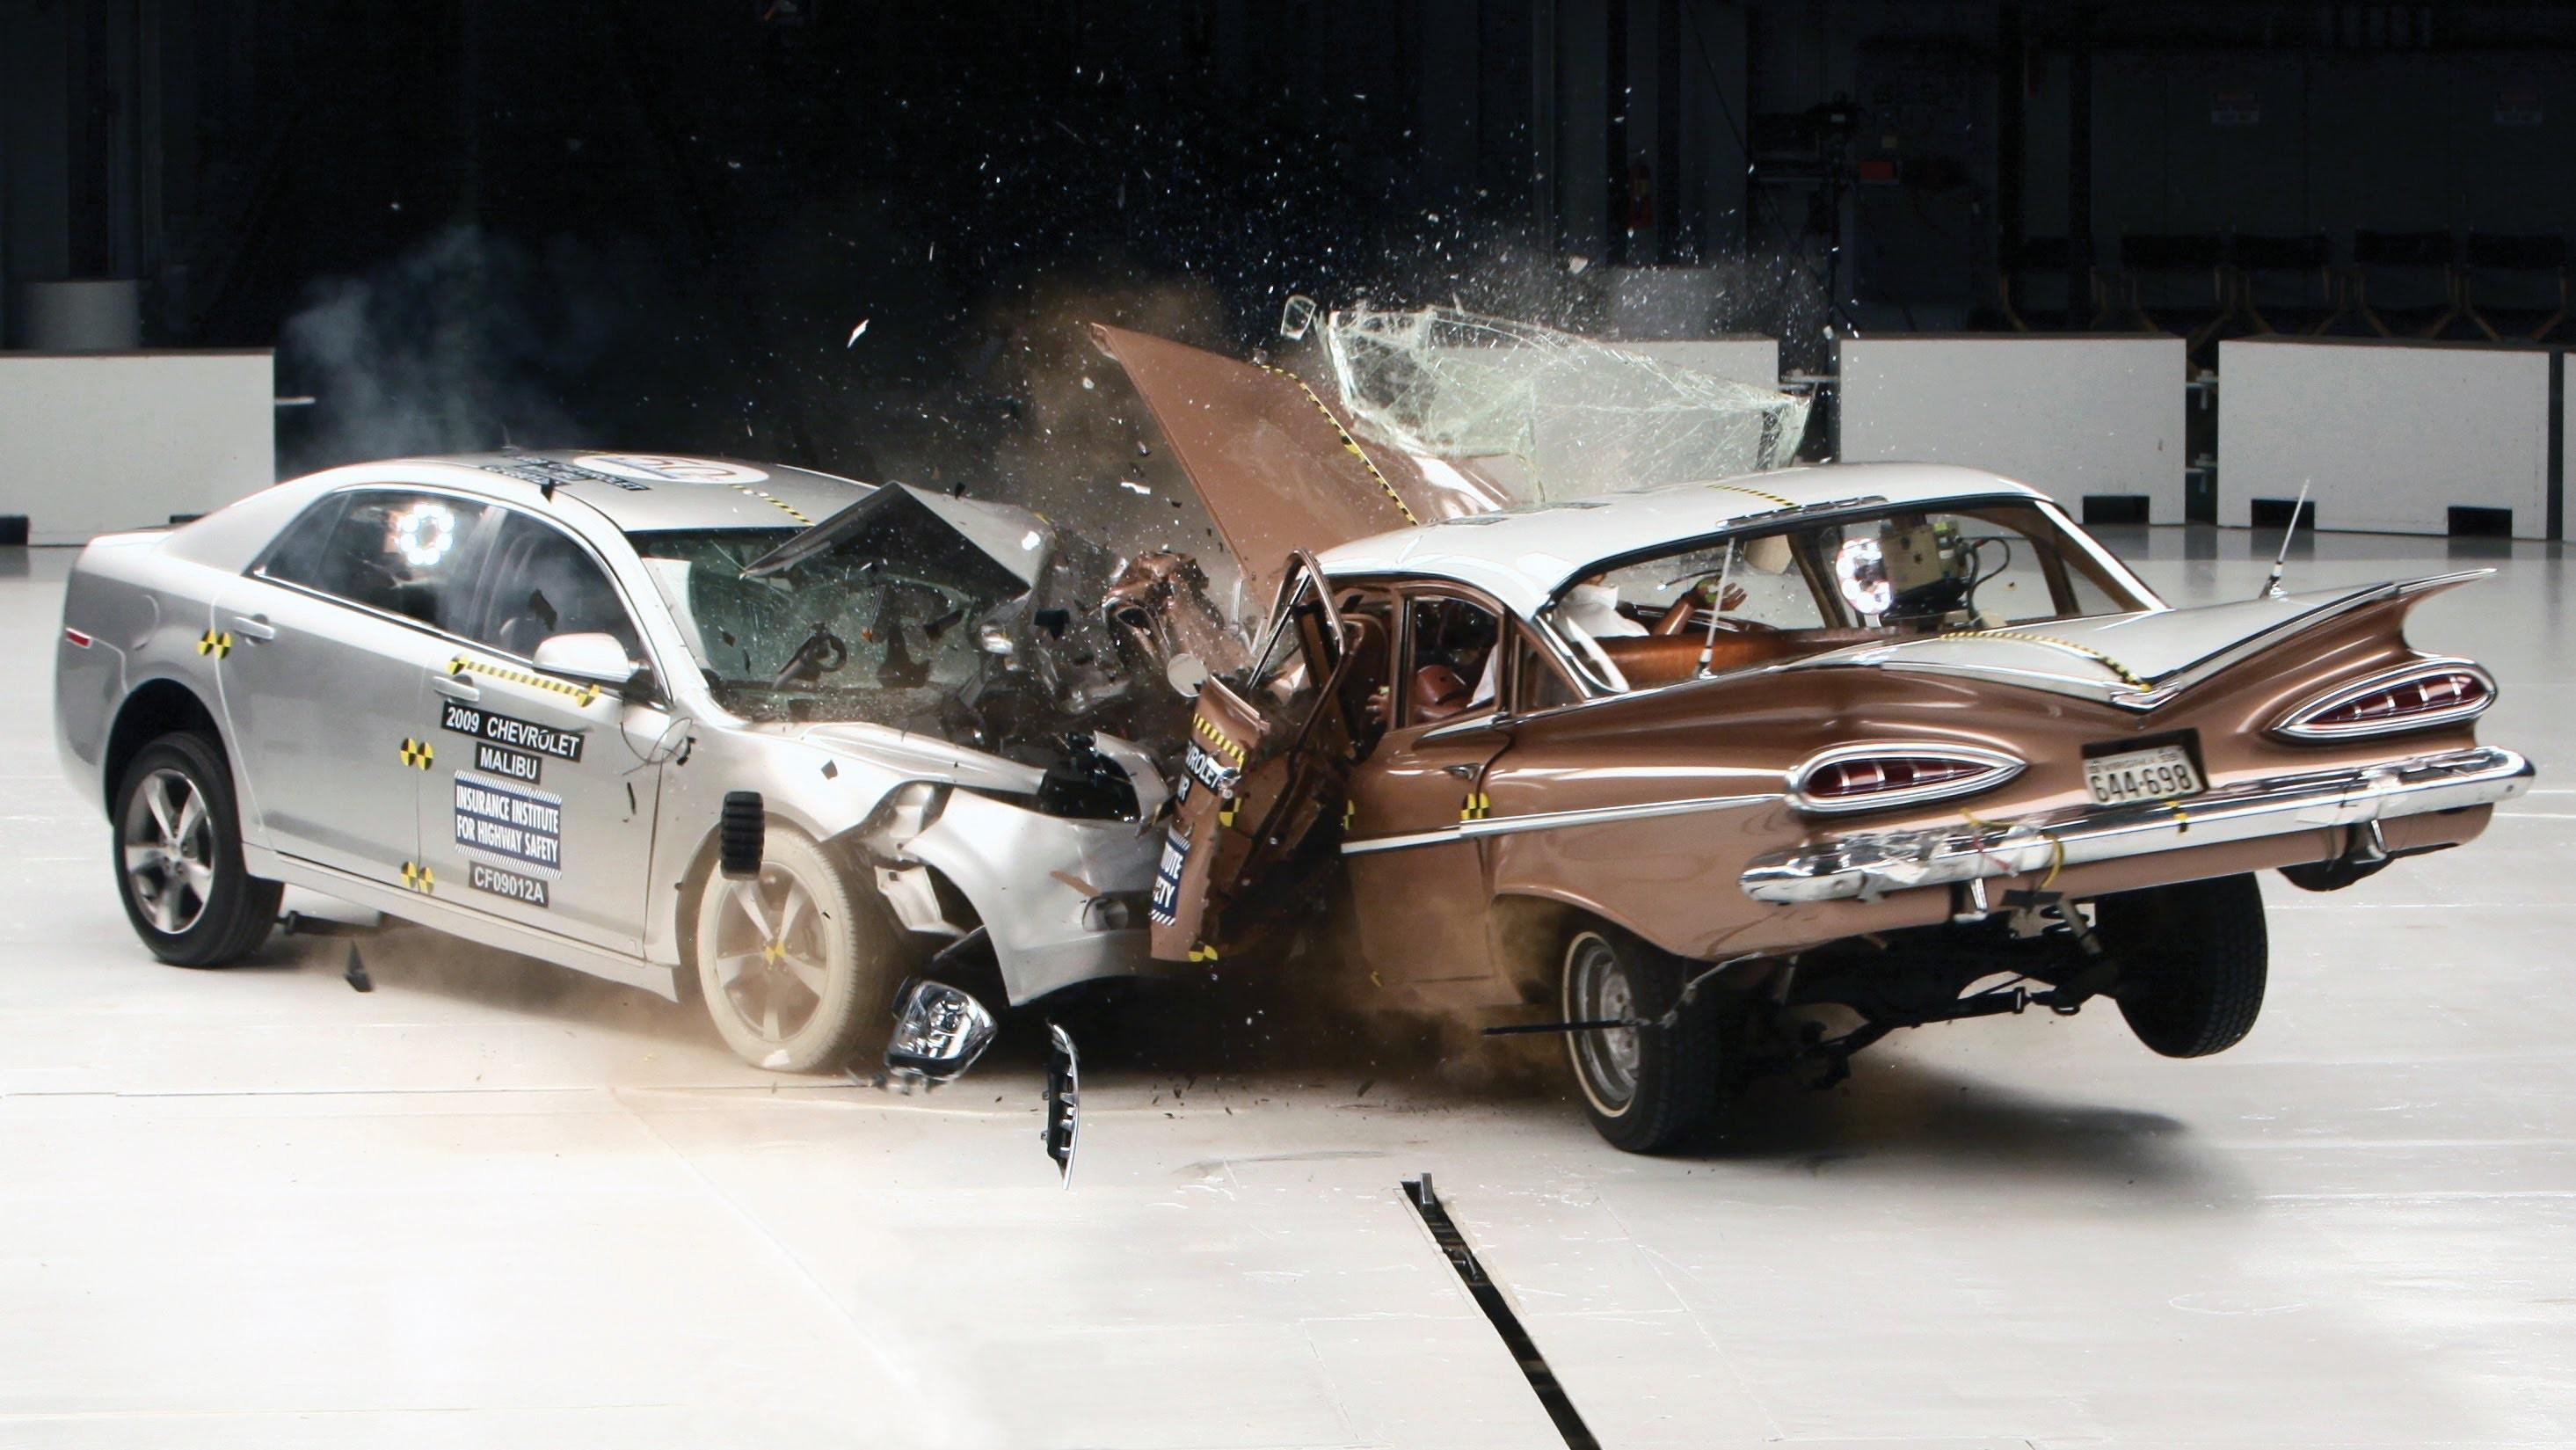 Coche antiguo vs coche nuevo: este vídeo compara cómo quedan tras un accidente